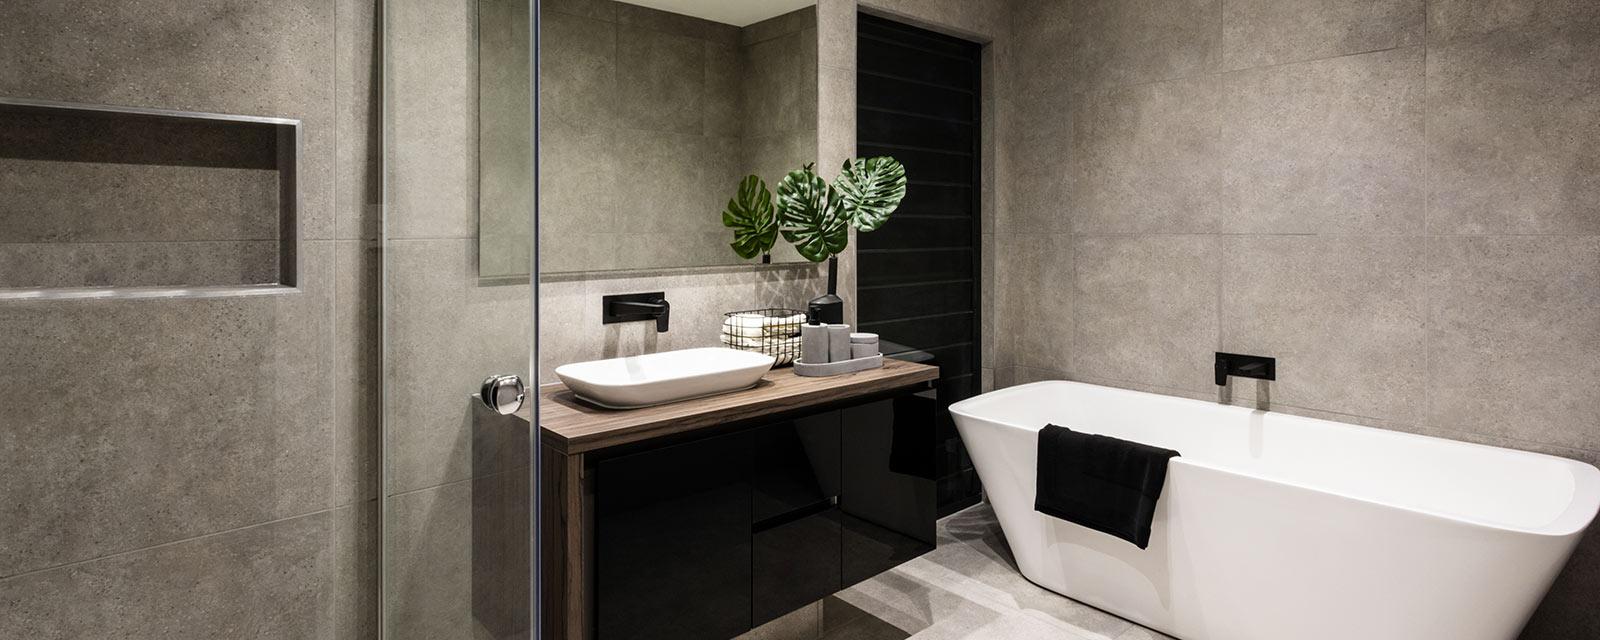 Conseils pour r nover une salle de bains guide artisan - Artisan salle de bain ...